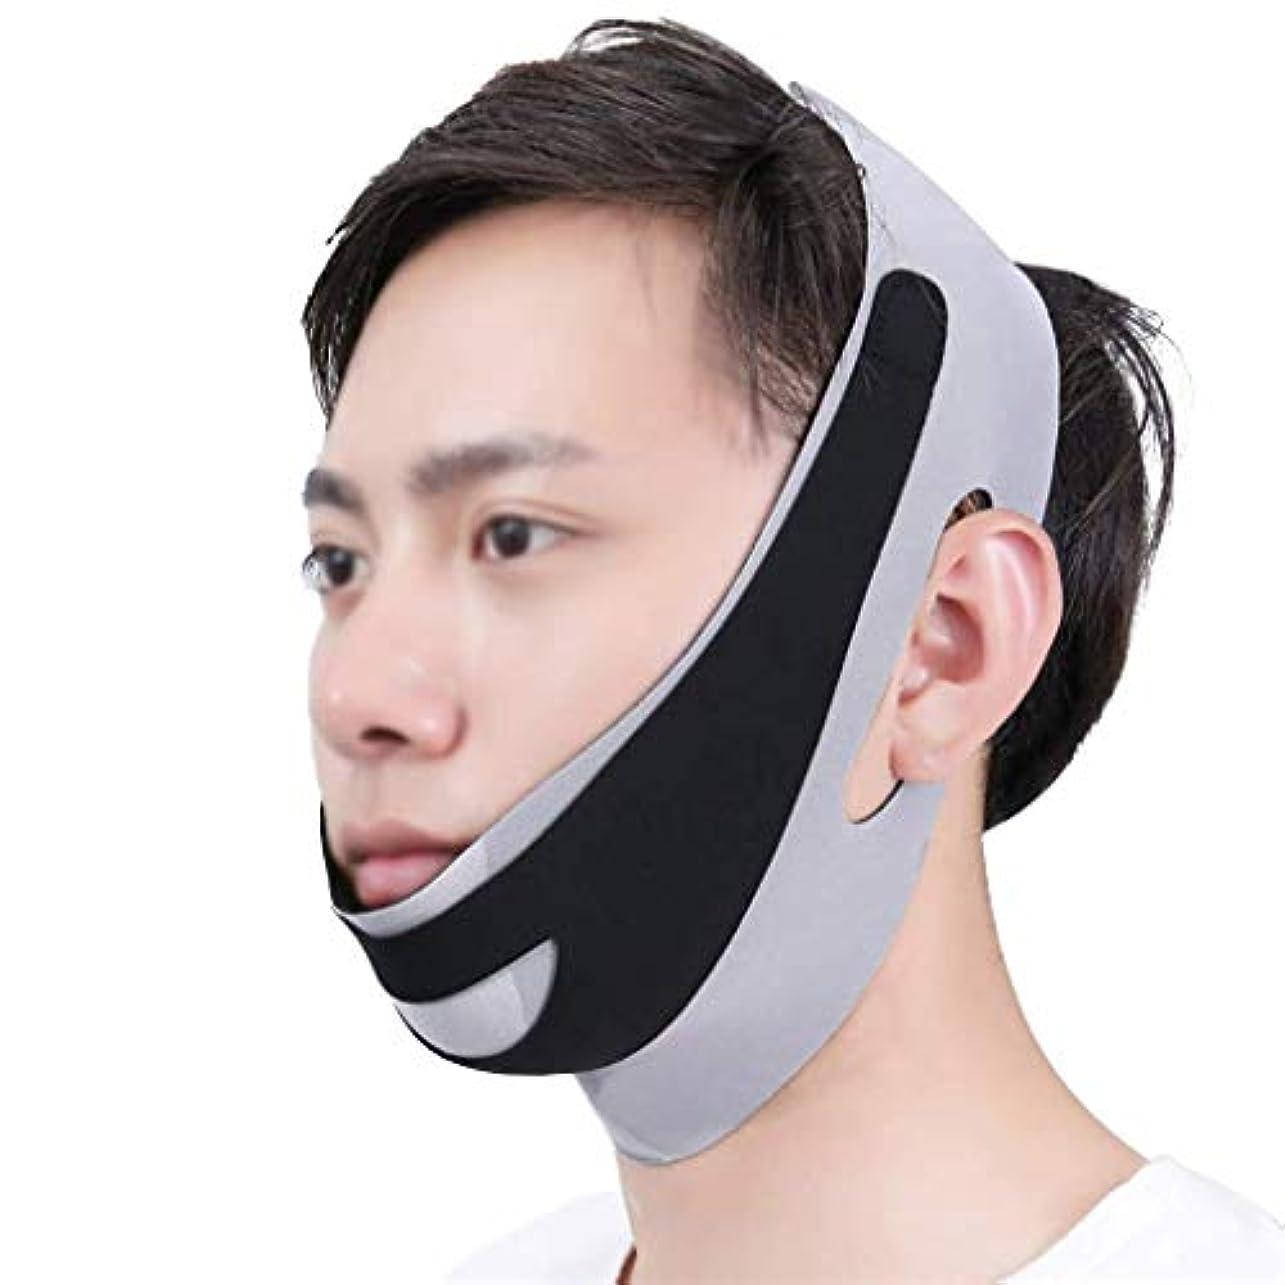 モール真向こう時期尚早顔と首のリフト術後弾性顔マスク小V顔アーティファクト薄い顔包帯アーティファクトV顔吊り耳リフティング引き締め男性の顔アーティファクト